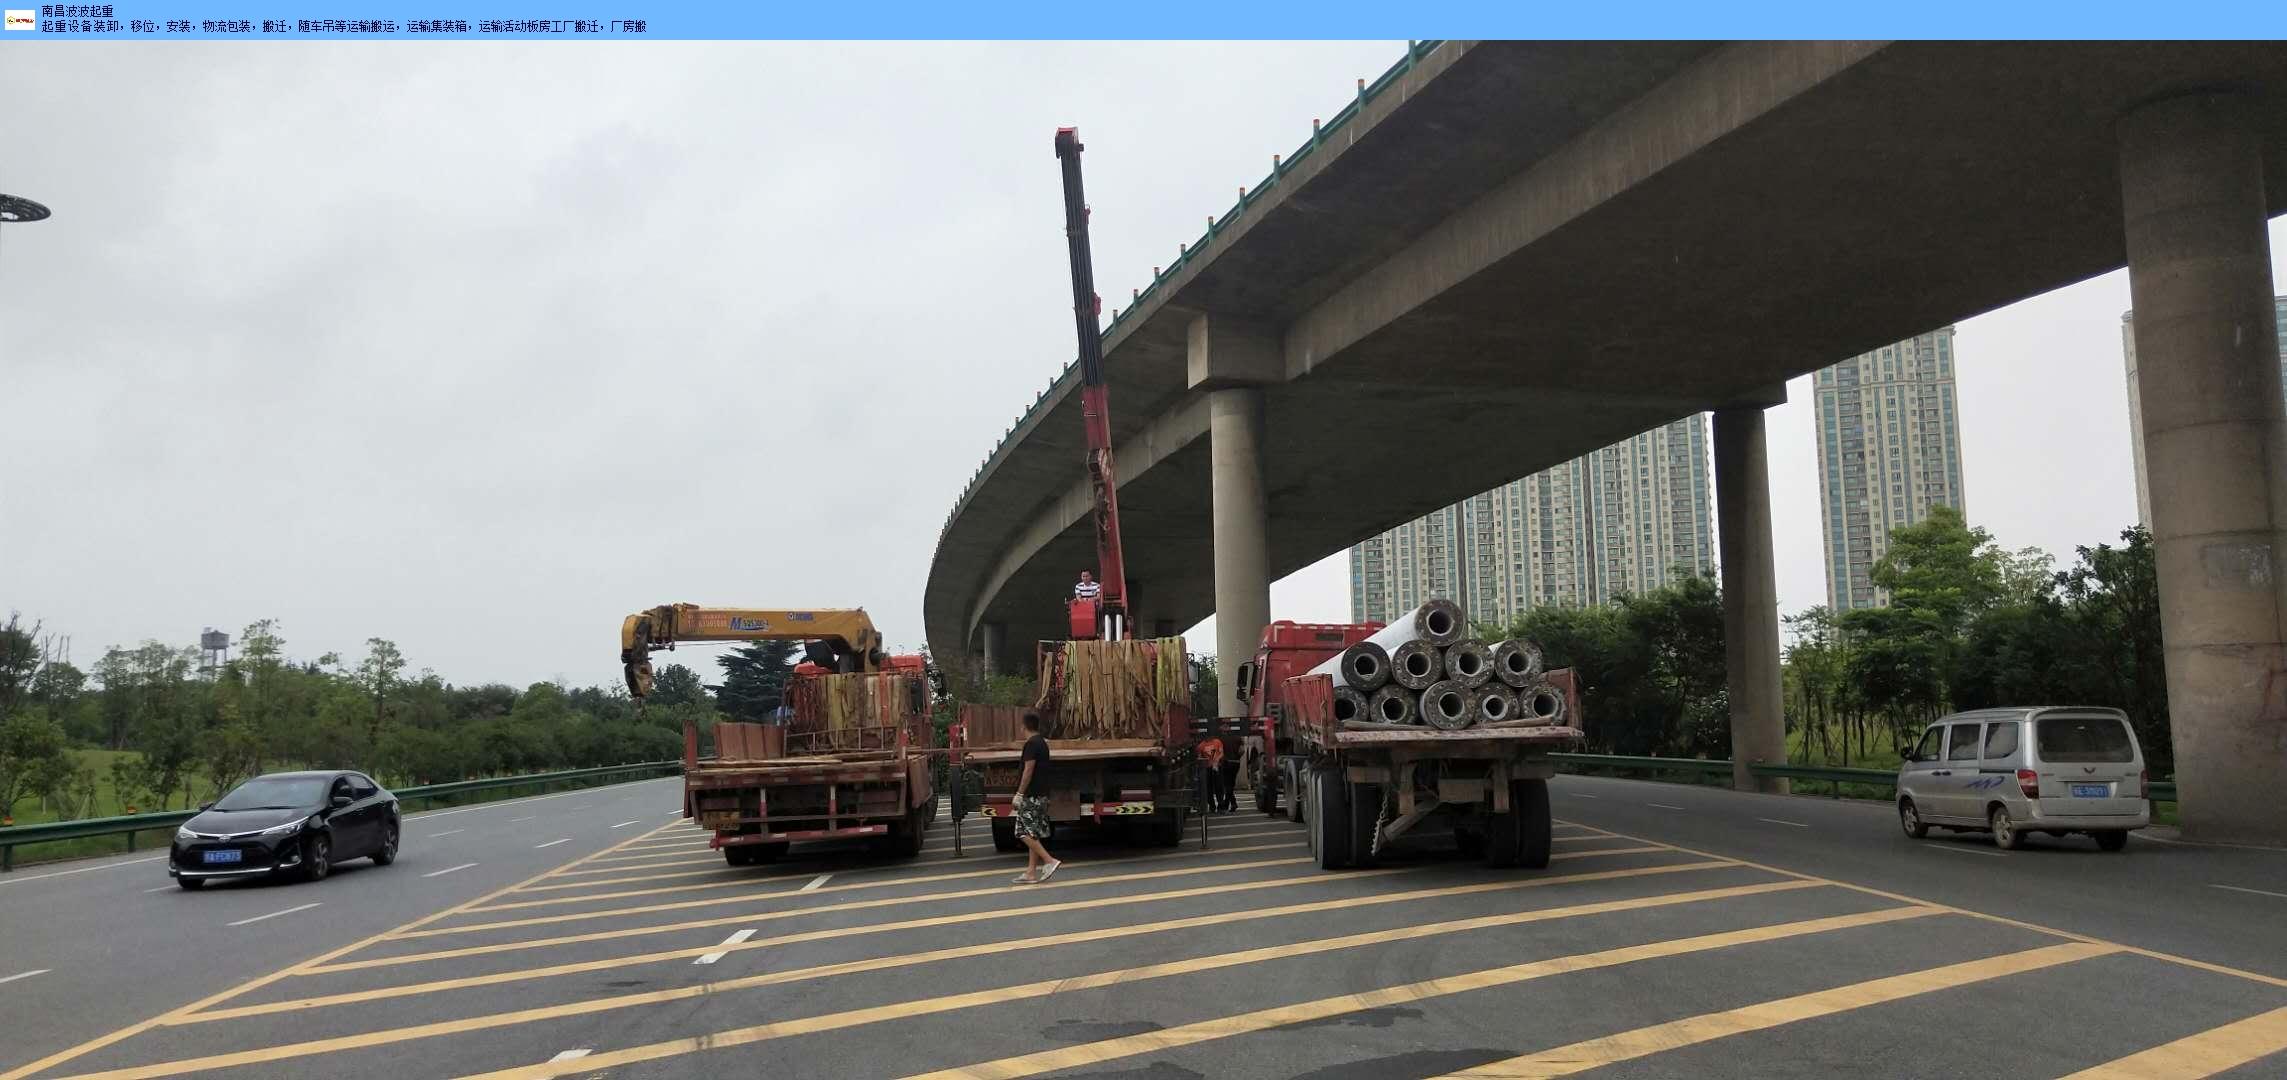 南昌县长起起重设备供应 诚信经营 南昌波波起重设备供应